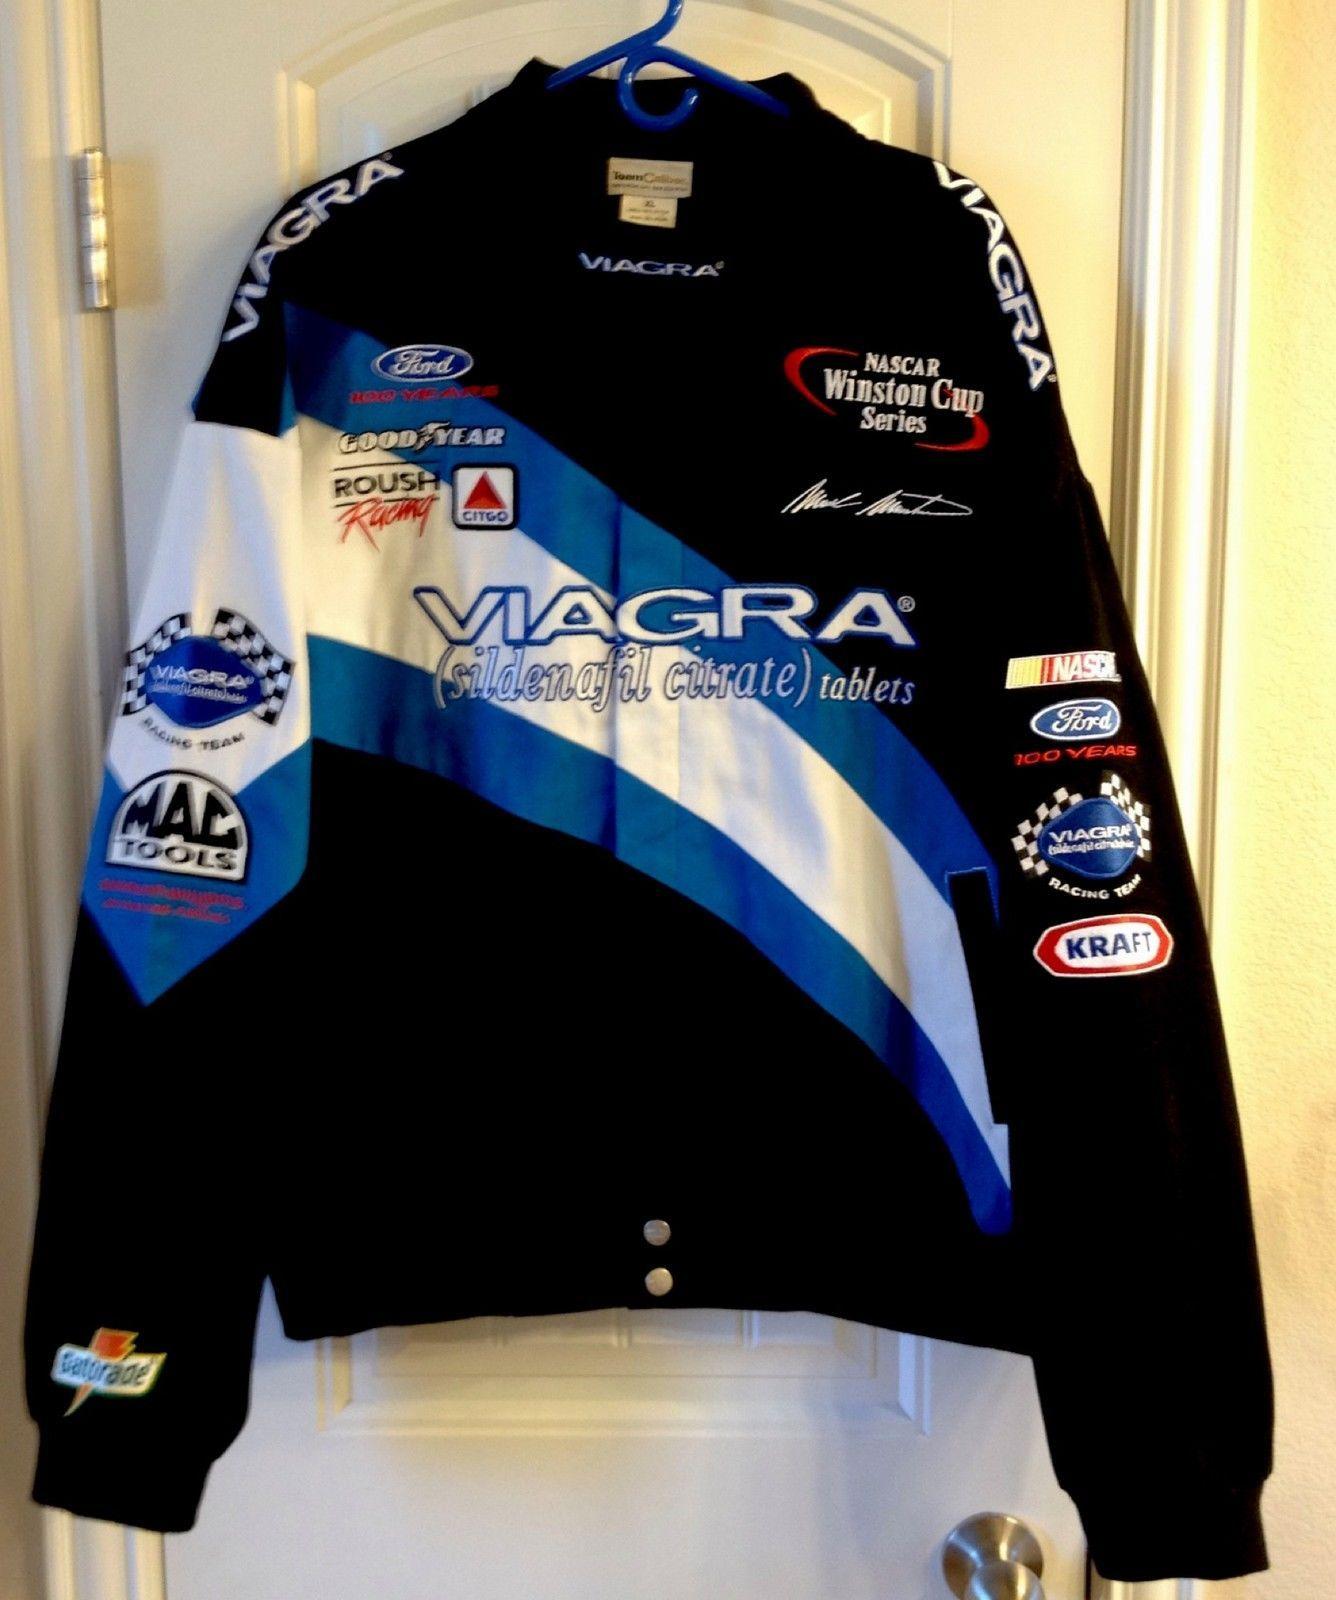 Viagra racing jacket vega 100 vs viagra